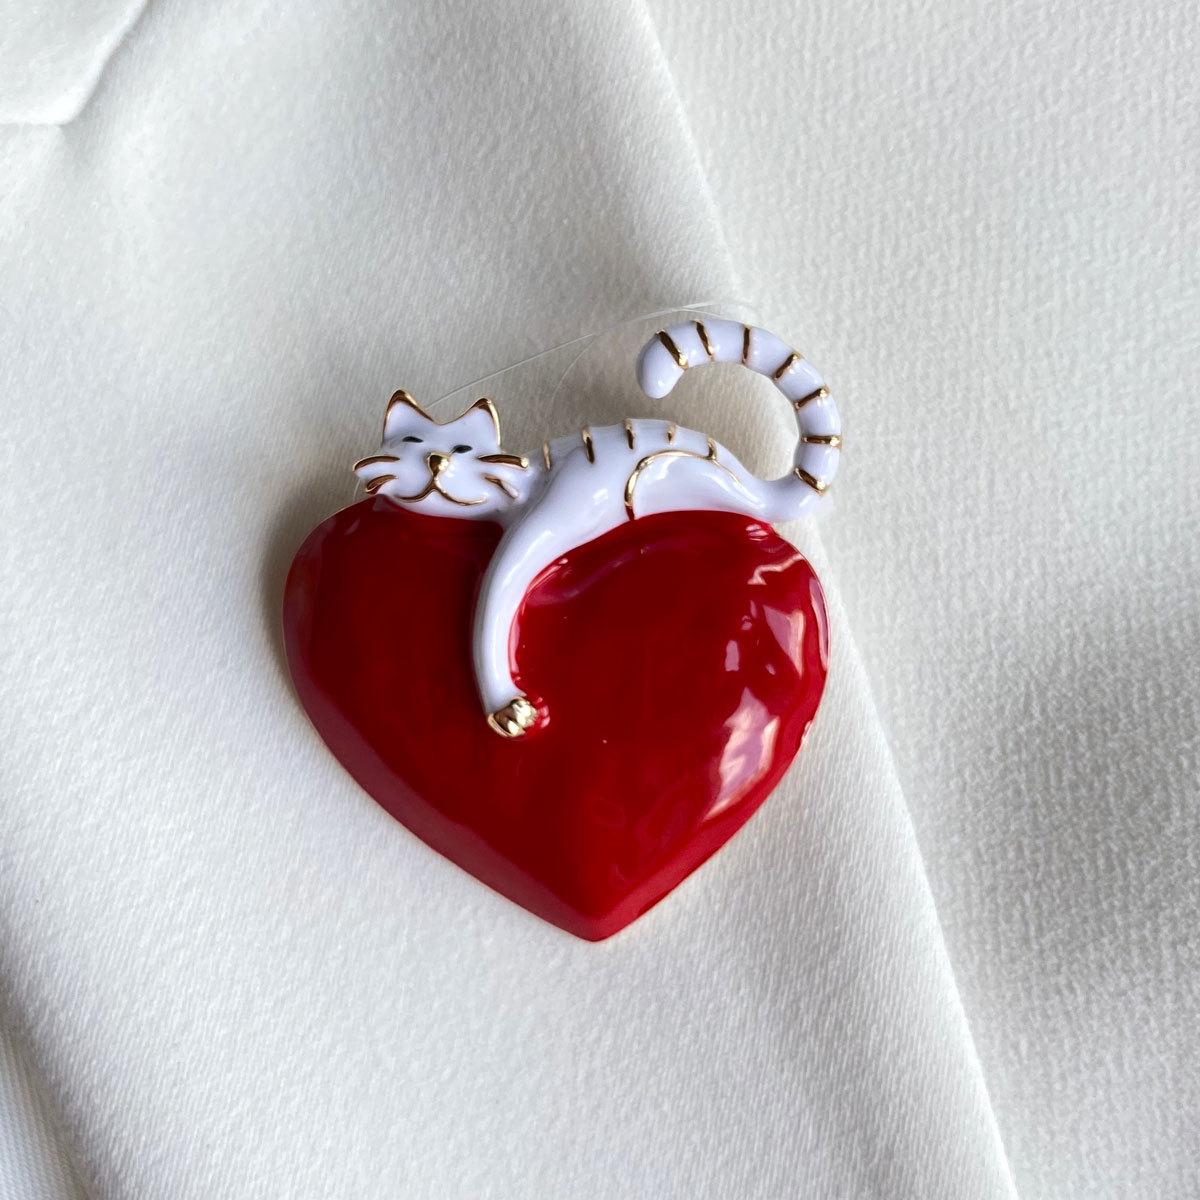 Брошь Кот на Сердце белый красный эмаль